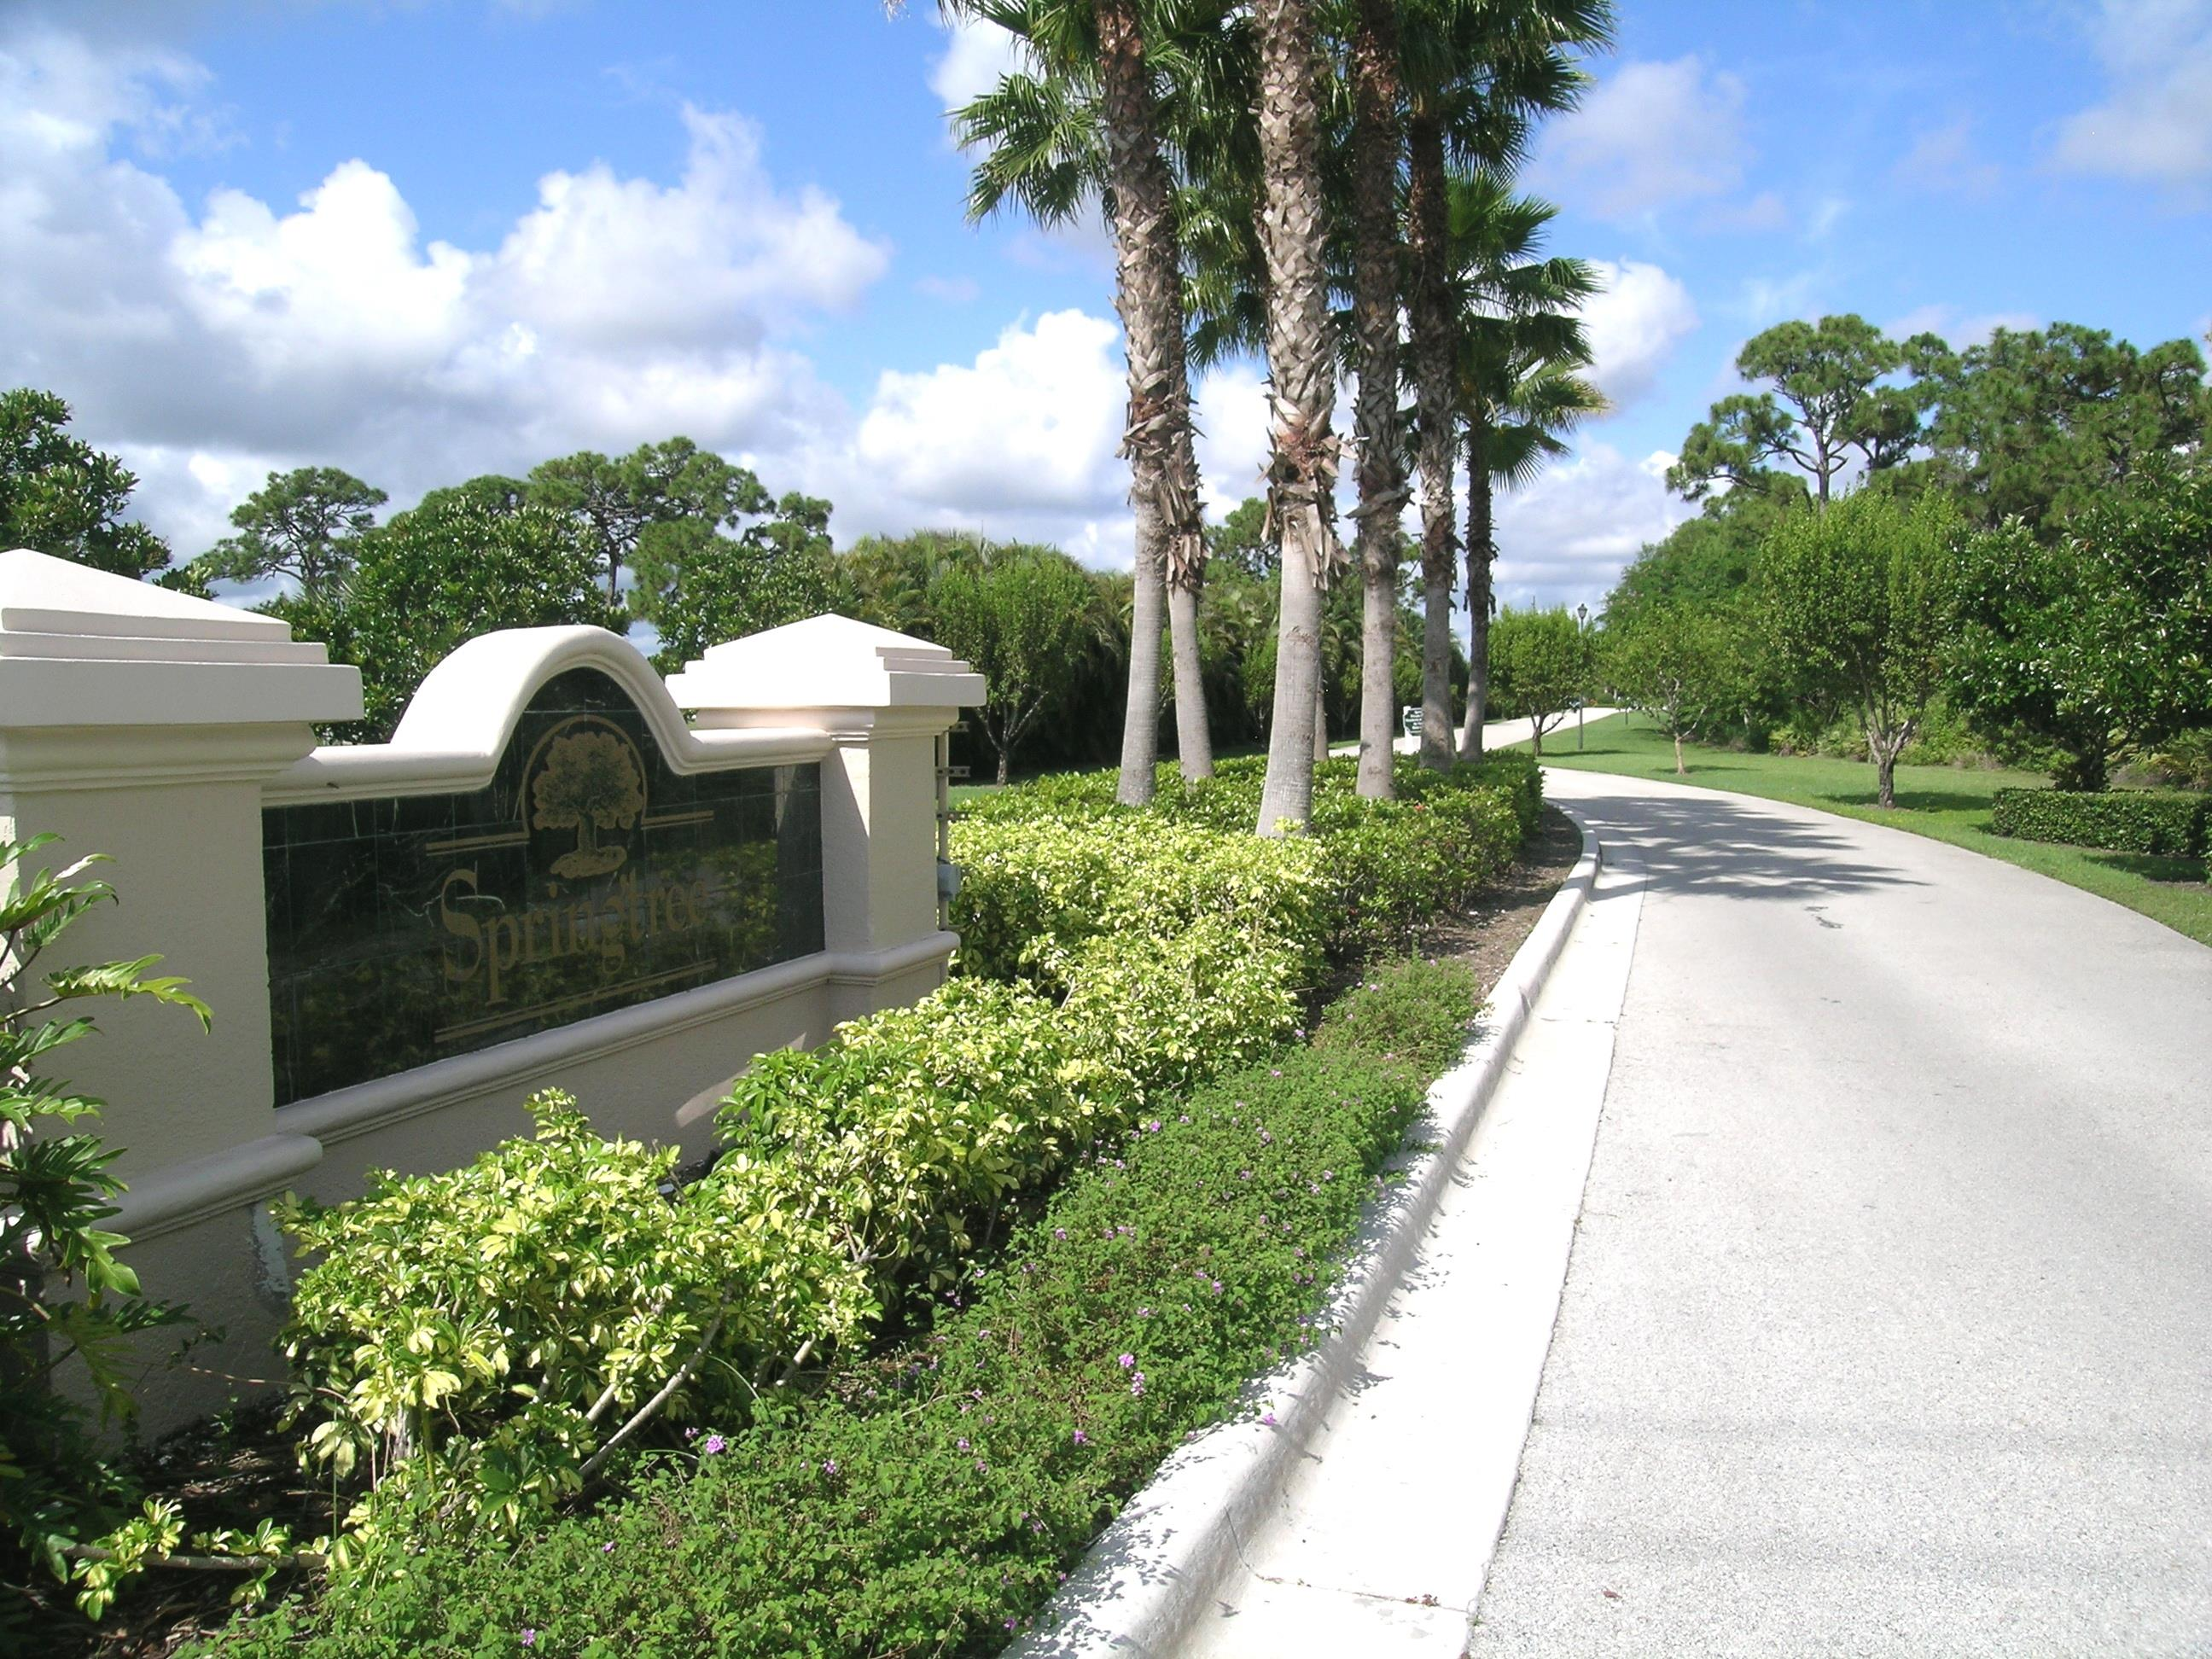 Springtree Entrance - Stuart Florida real Estate